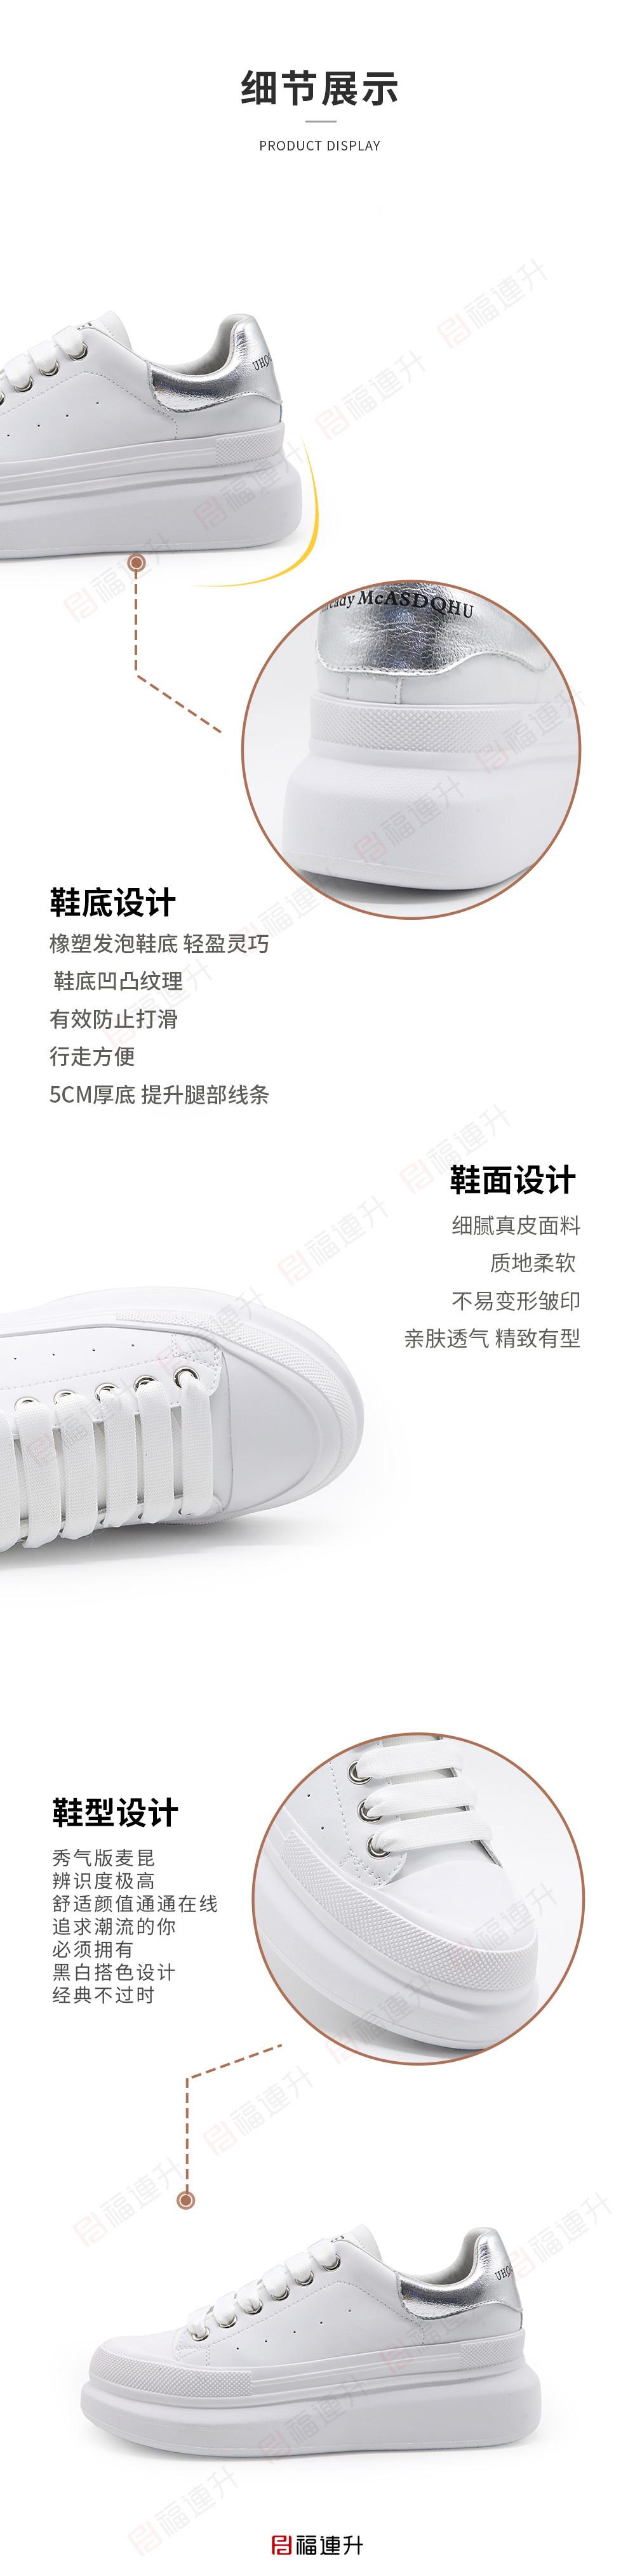 福连升休闲鞋真皮厚底小白鞋增高松糕底休闲运动板鞋图片